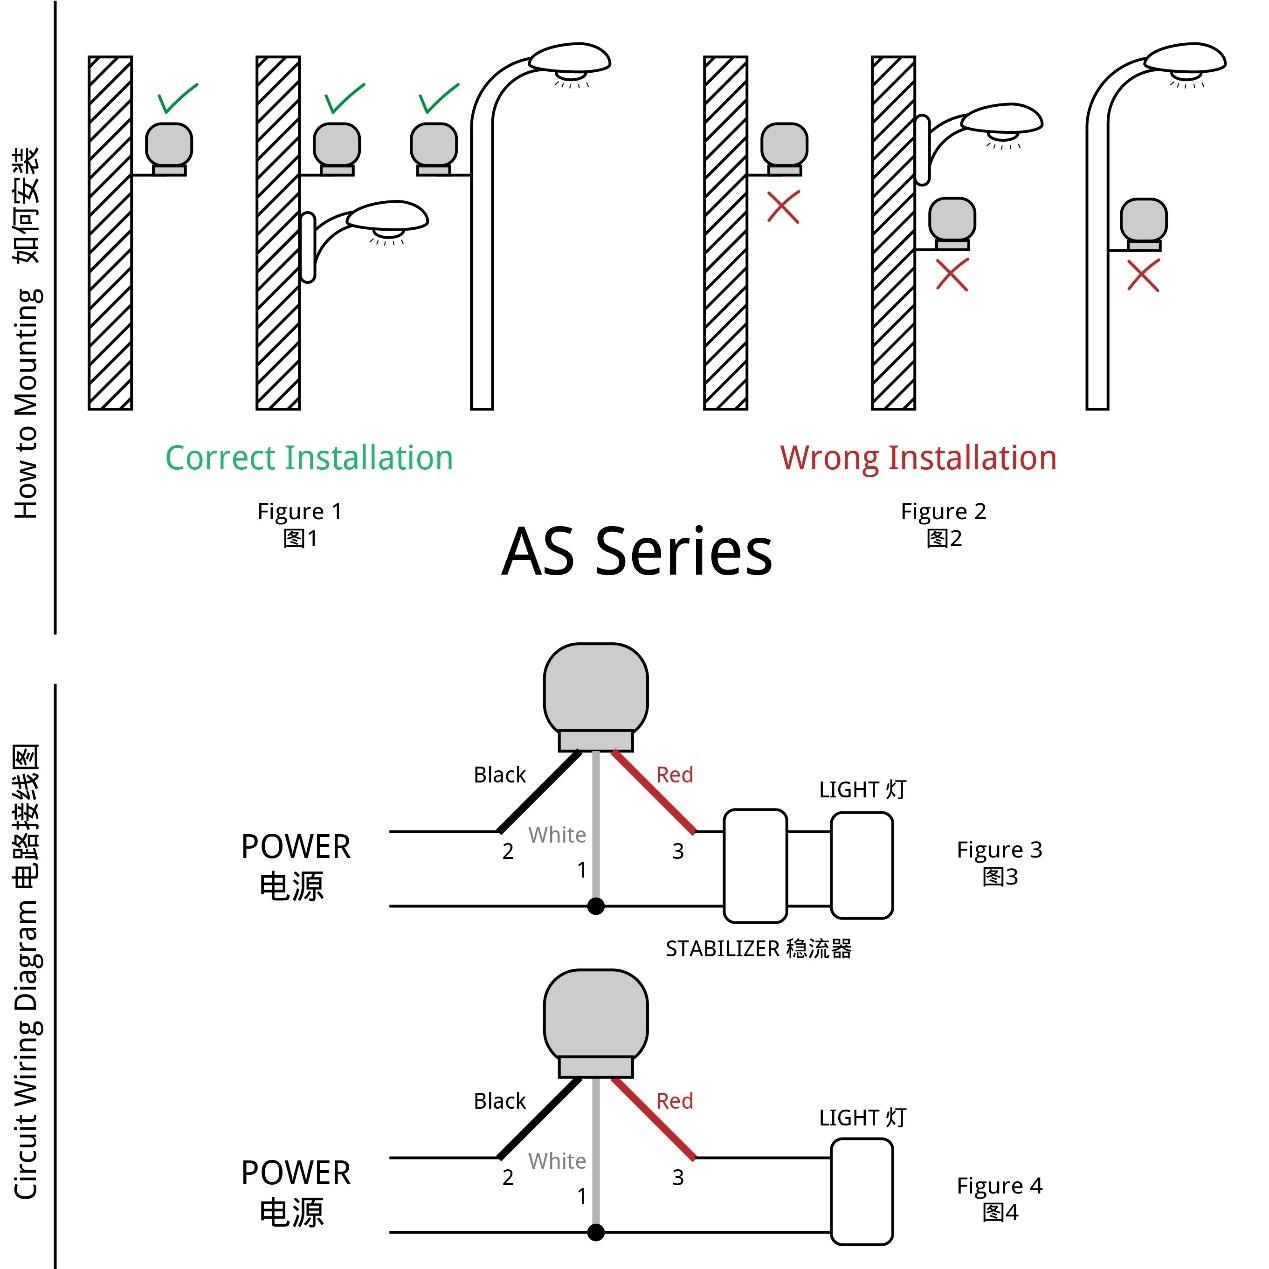 AS系列安装尺寸与接线图